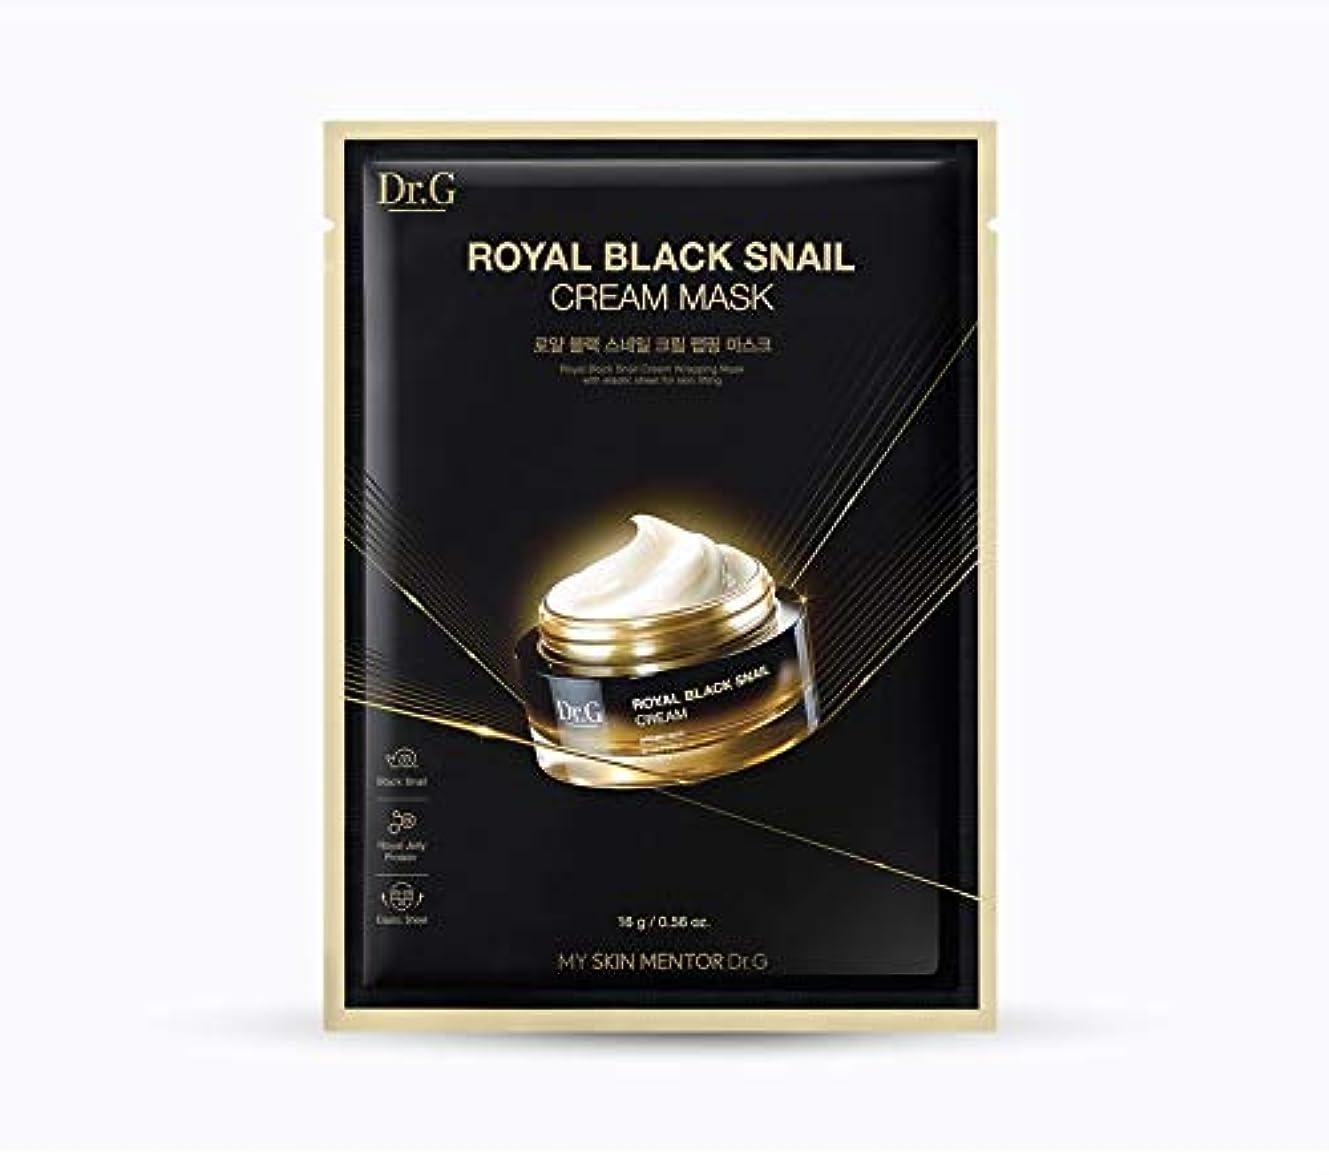 神経フロー教育するDr.Gロイヤルブラックスネイルクリームマスク10EA 韓国の人気化粧品ブランドの人気マスクパックスキンケア肌鎮静カタツムリクリーム SNAIL CREAM MASK